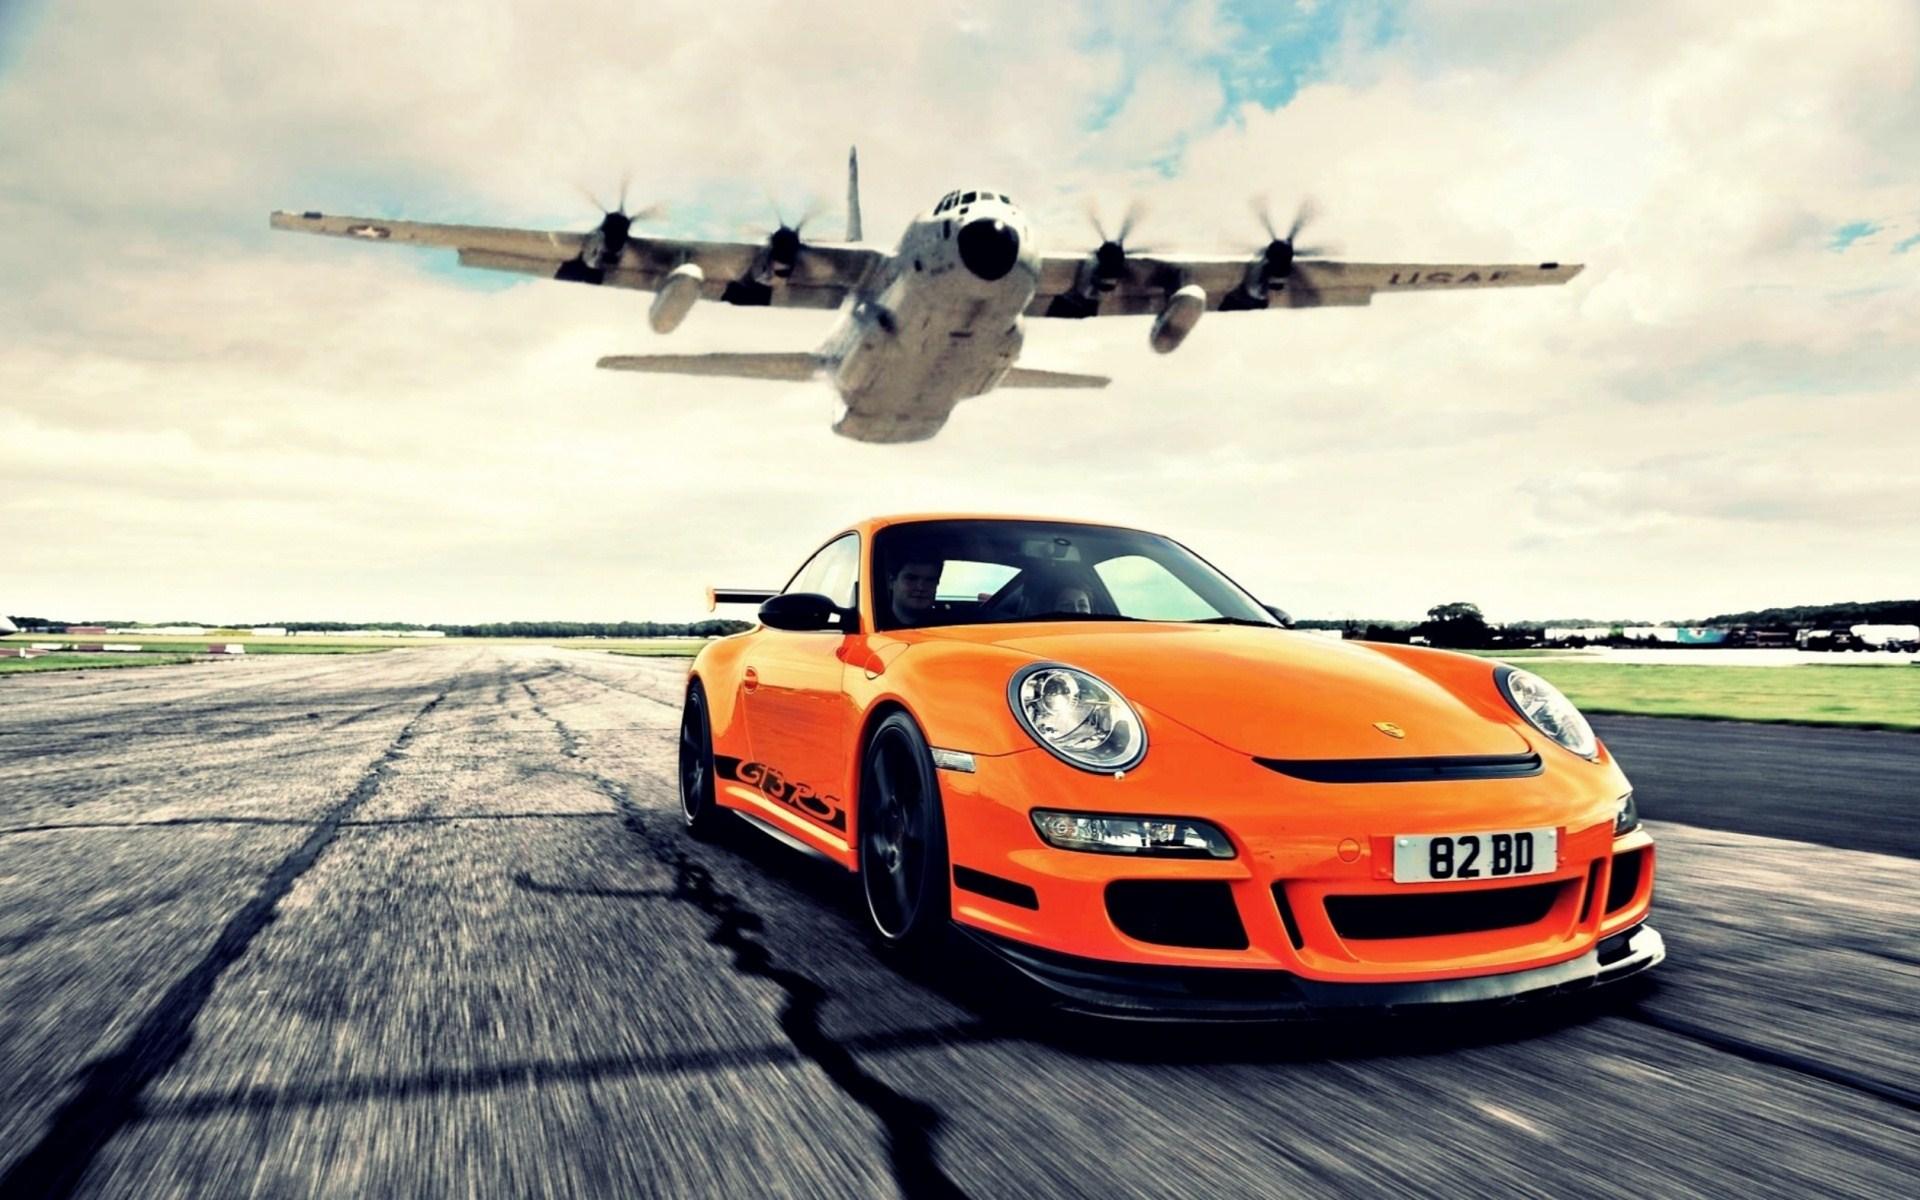 Porsche GT3 RS Aircraft Photo HD Image Wallpaper | HD Car Wallpaper | Things to Wear | Pinterest